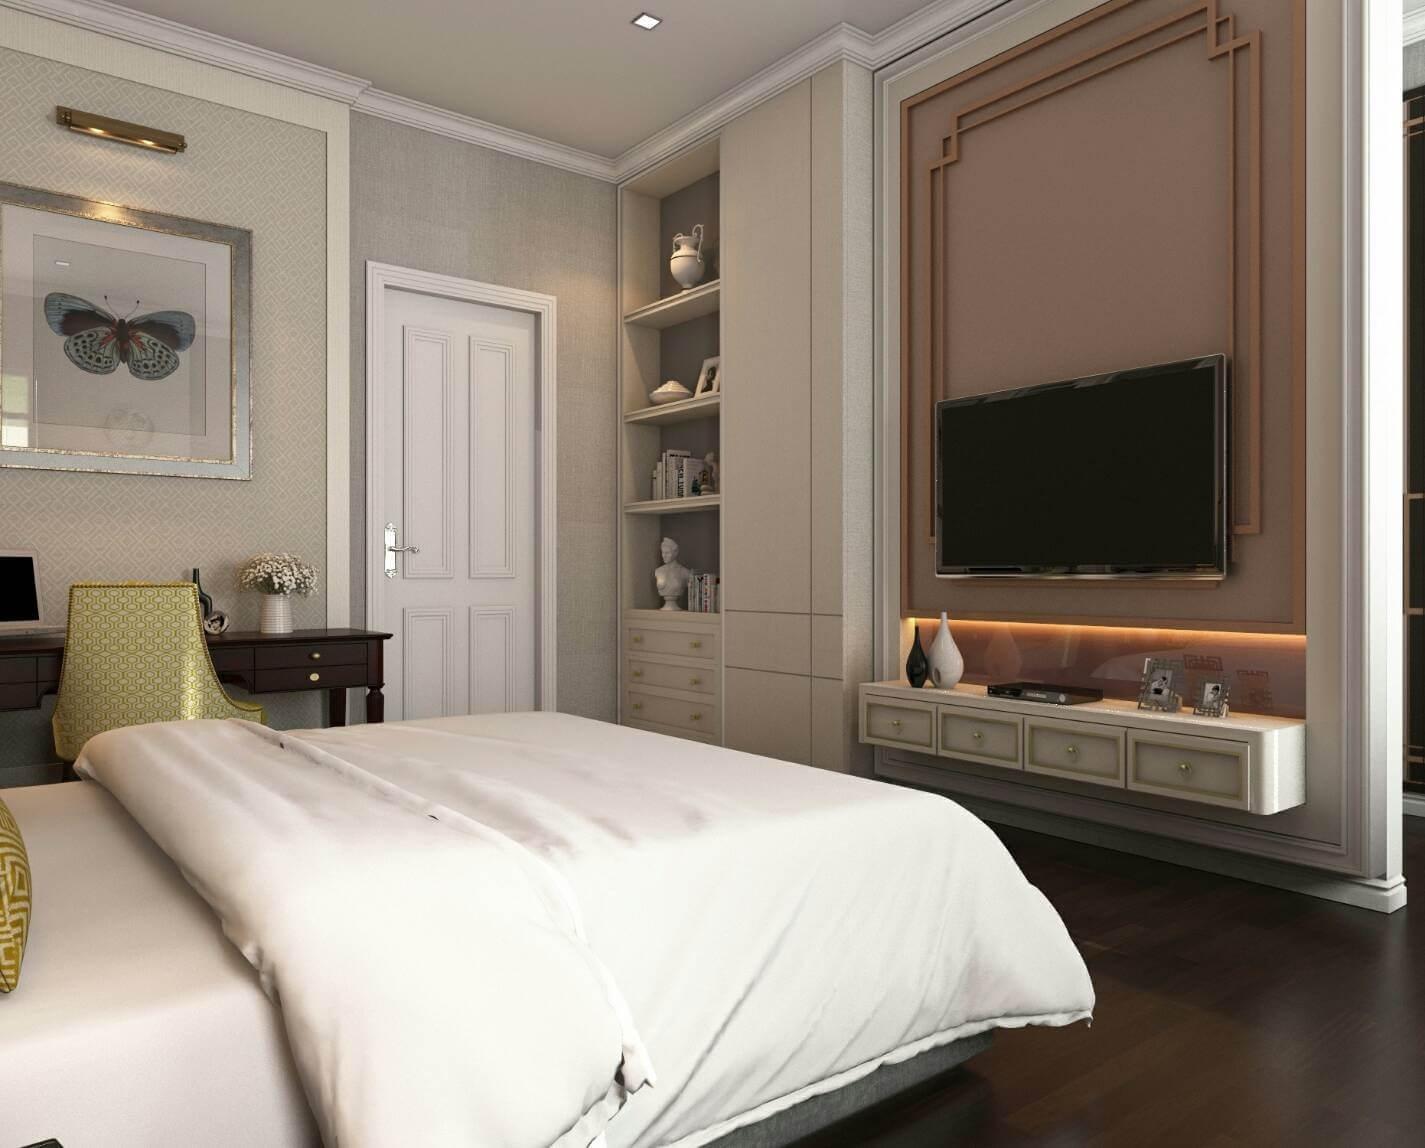 ออกแบบตกแต่งภายใน ตกแต่งภายใน ออกแบบภายใน บริษัทออกแบบภายใน interior Bareo รับออกแบบตกแต่งภายใน รับออกแบบตกแต่ง ห้องนอน เฟอร์นิเจอร์ Build in